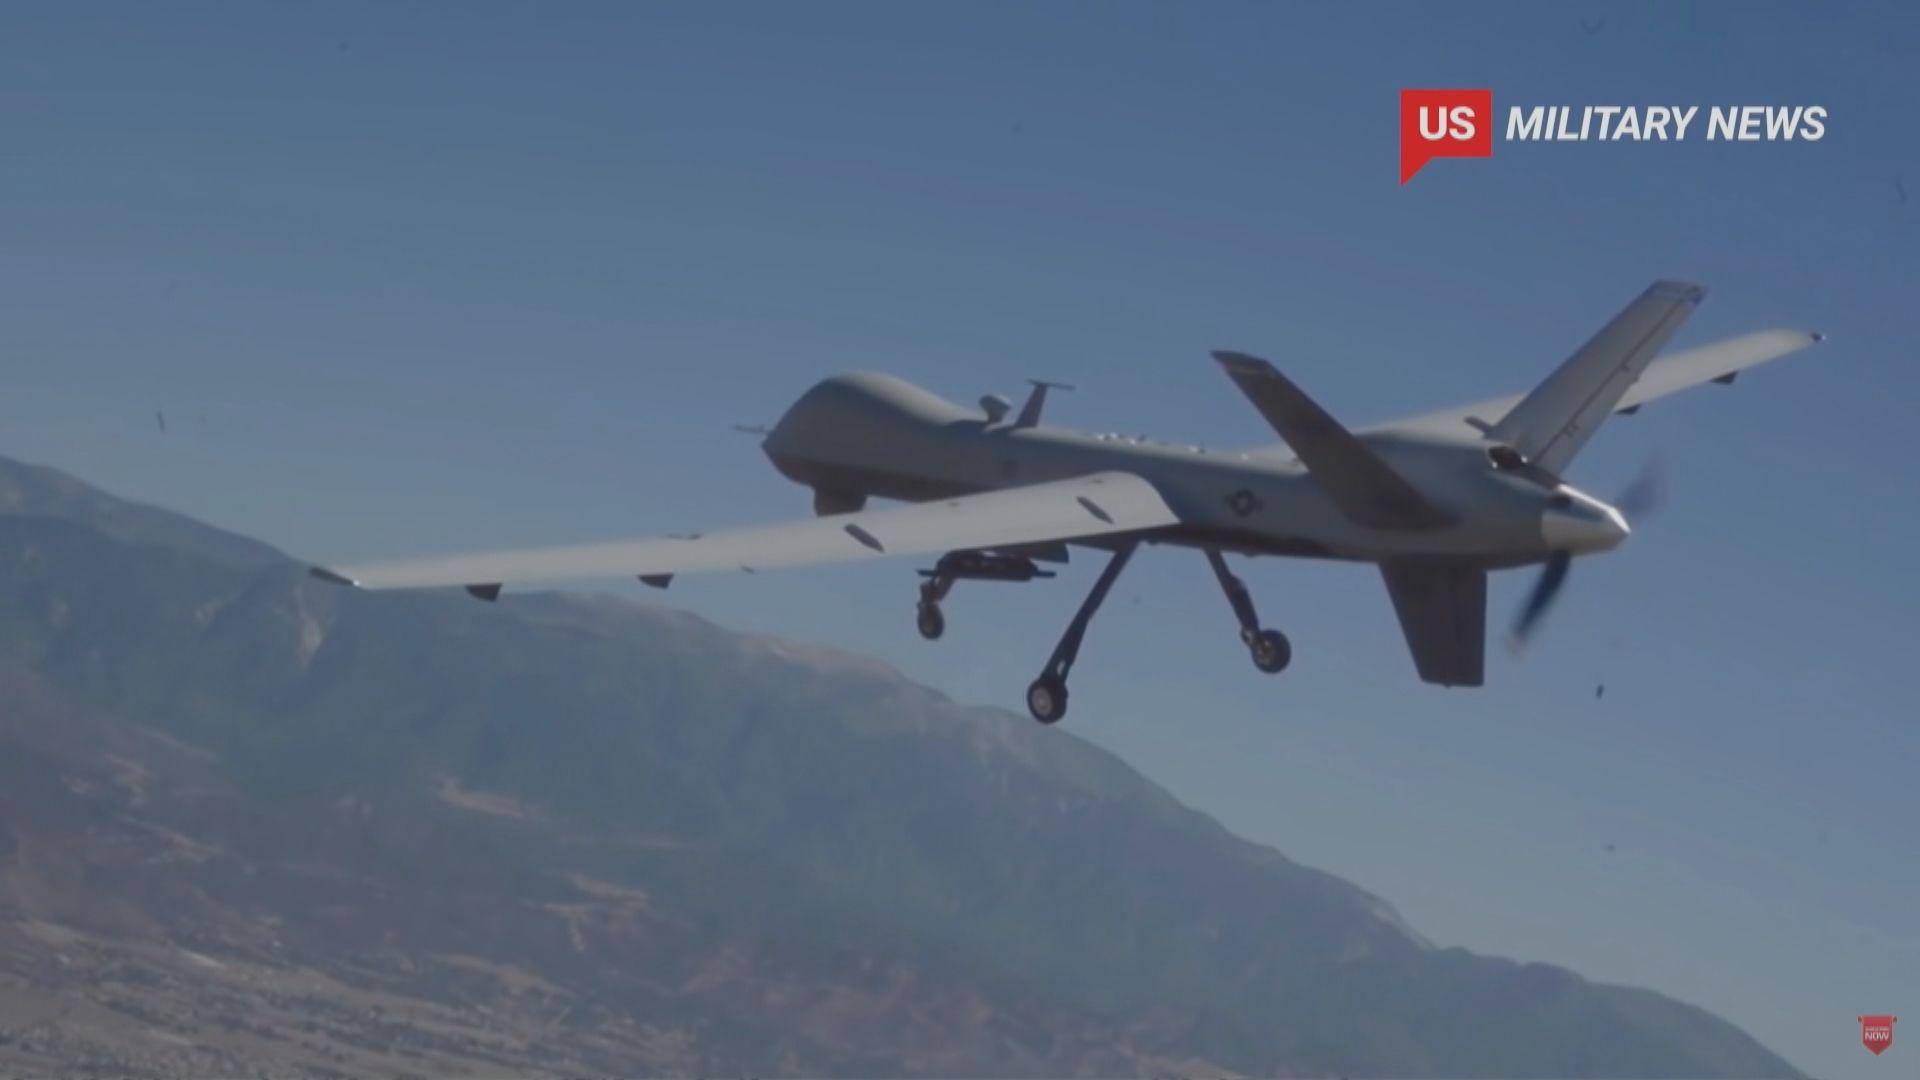 據報白宮再通知國會擬向台售兩款軍備 中方堅決反對